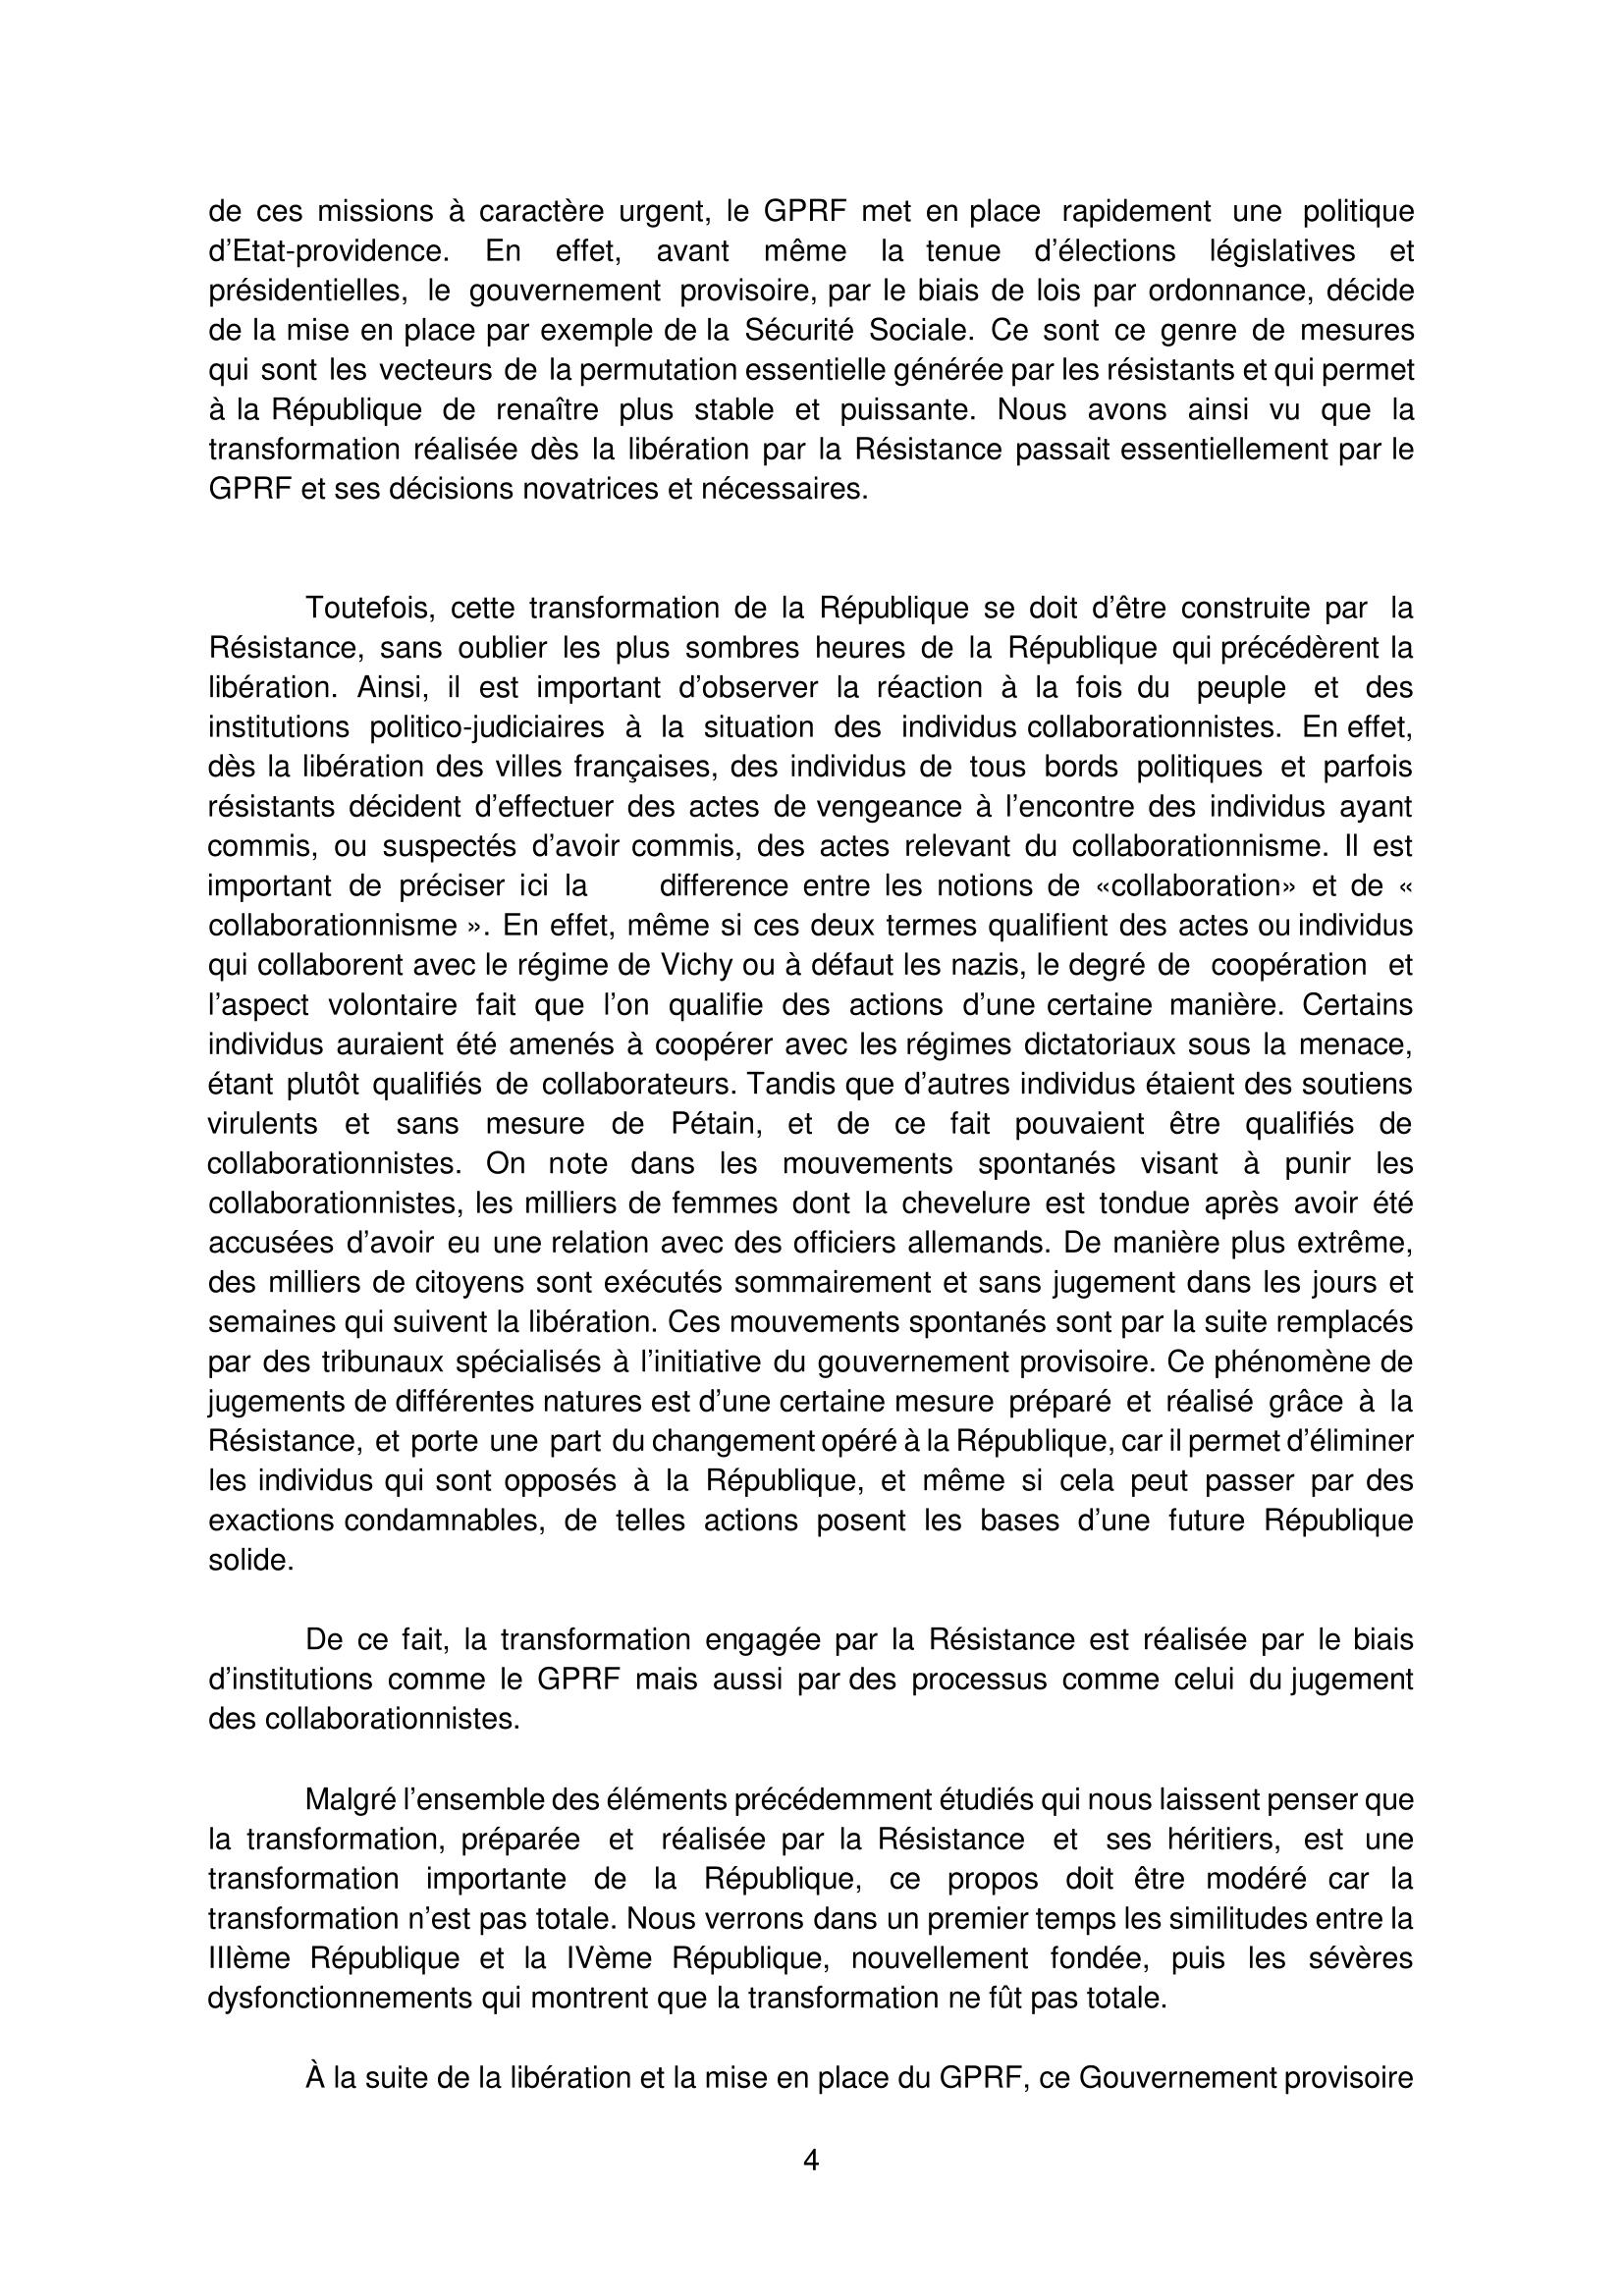 2018Copie_Histoire_sujet1_Resistance-4